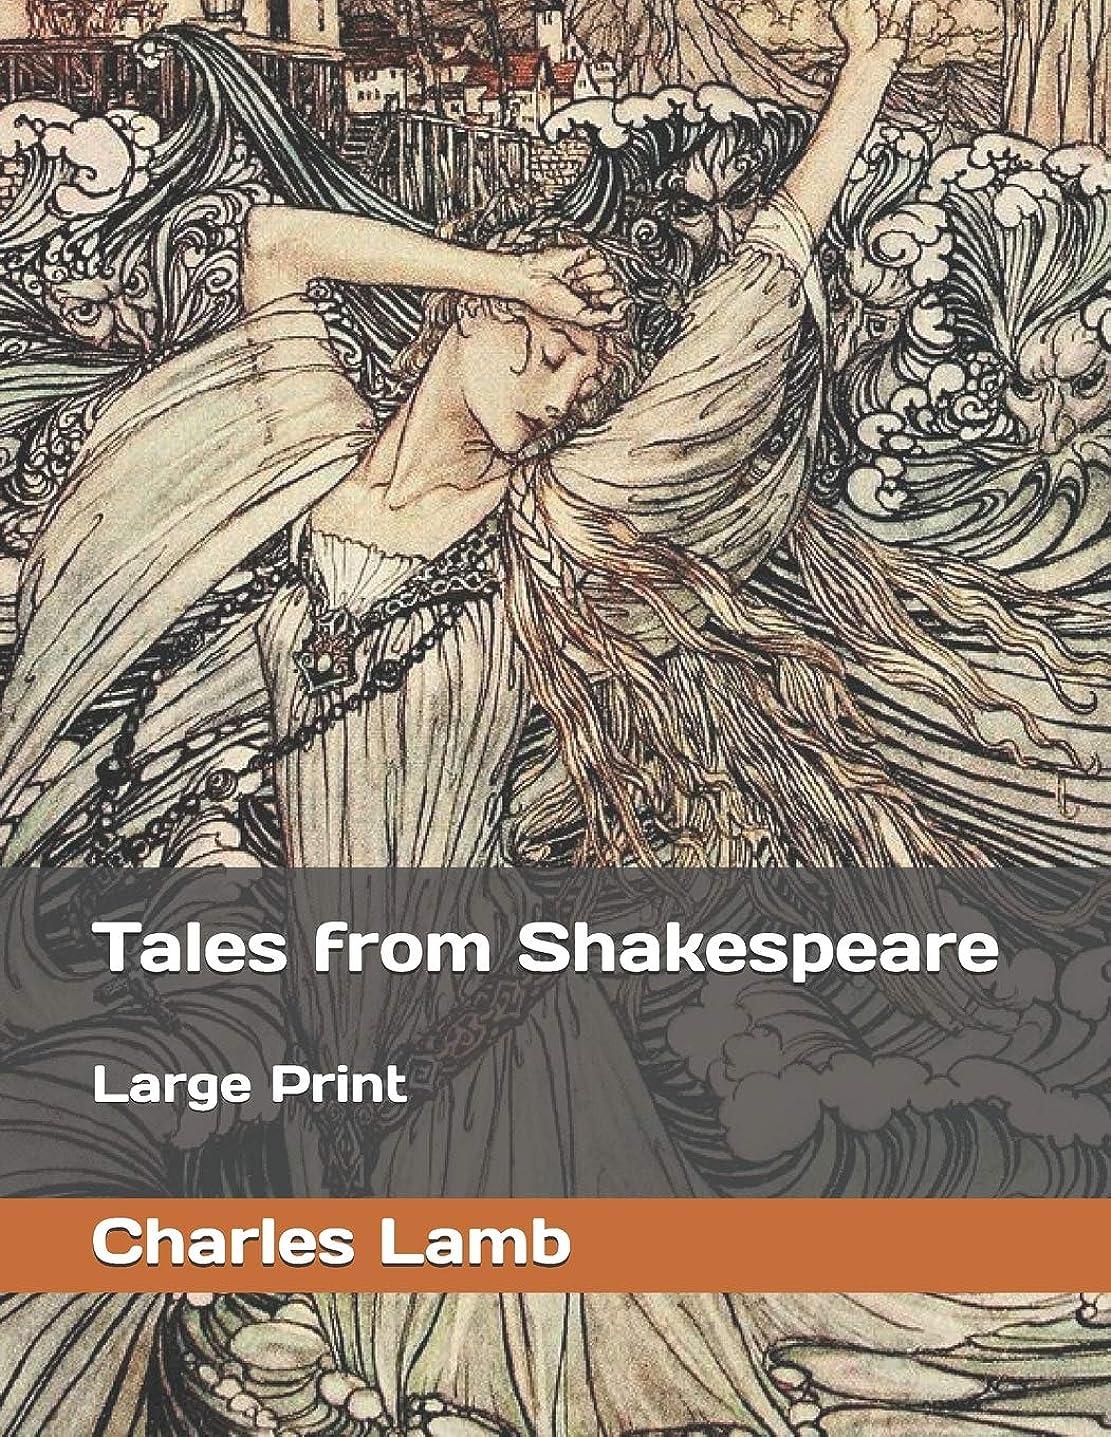 優しさ誤解を招くジョージエリオットTales from Shakespeare: Large Print